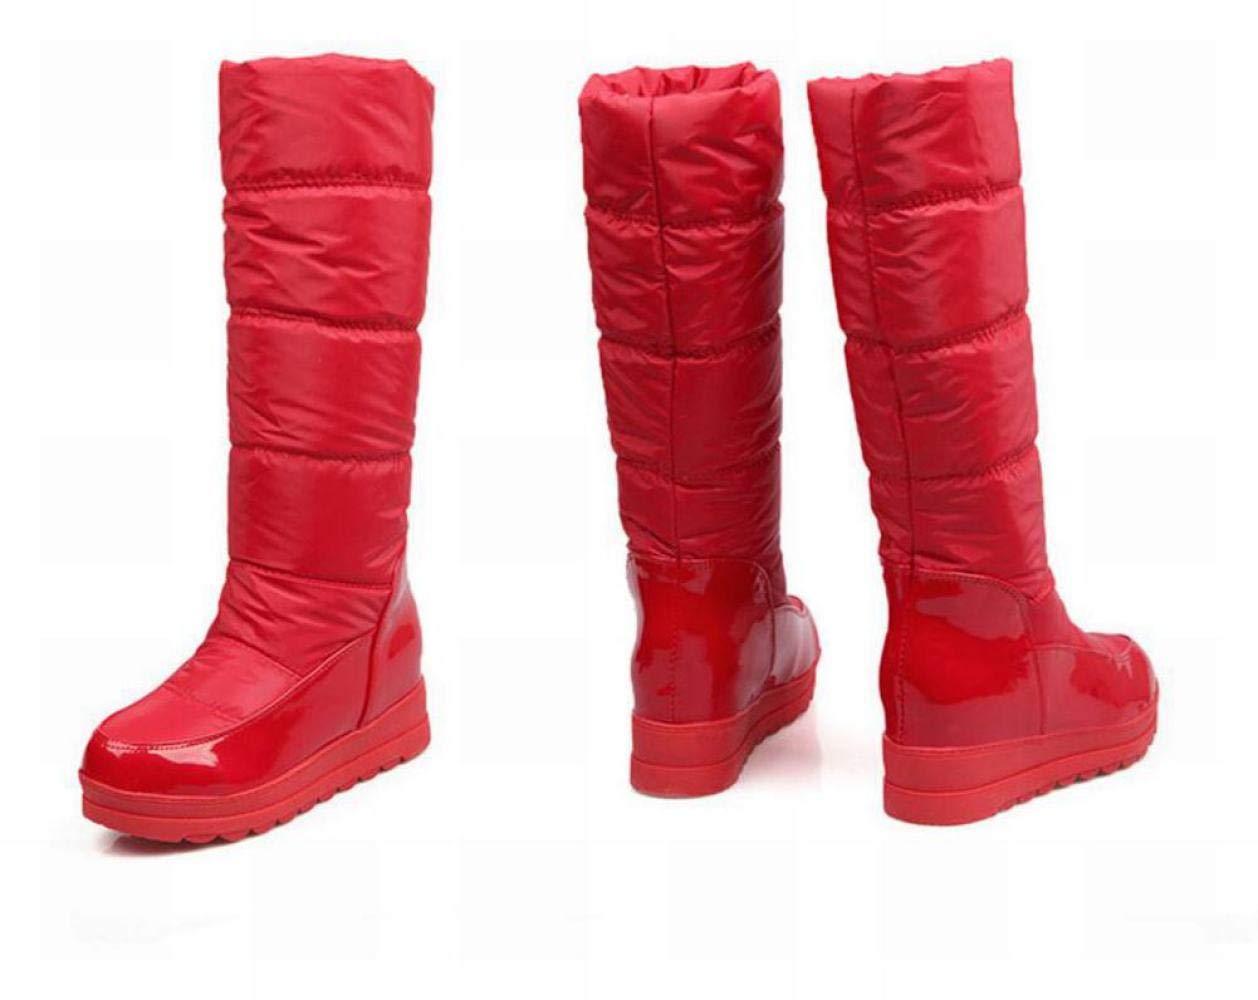 IG Damenstiefel - Winter Warme Anti-Ski-Stiefel Stiefel Erhöhen Ritter Stiefel 34-40 rot 38